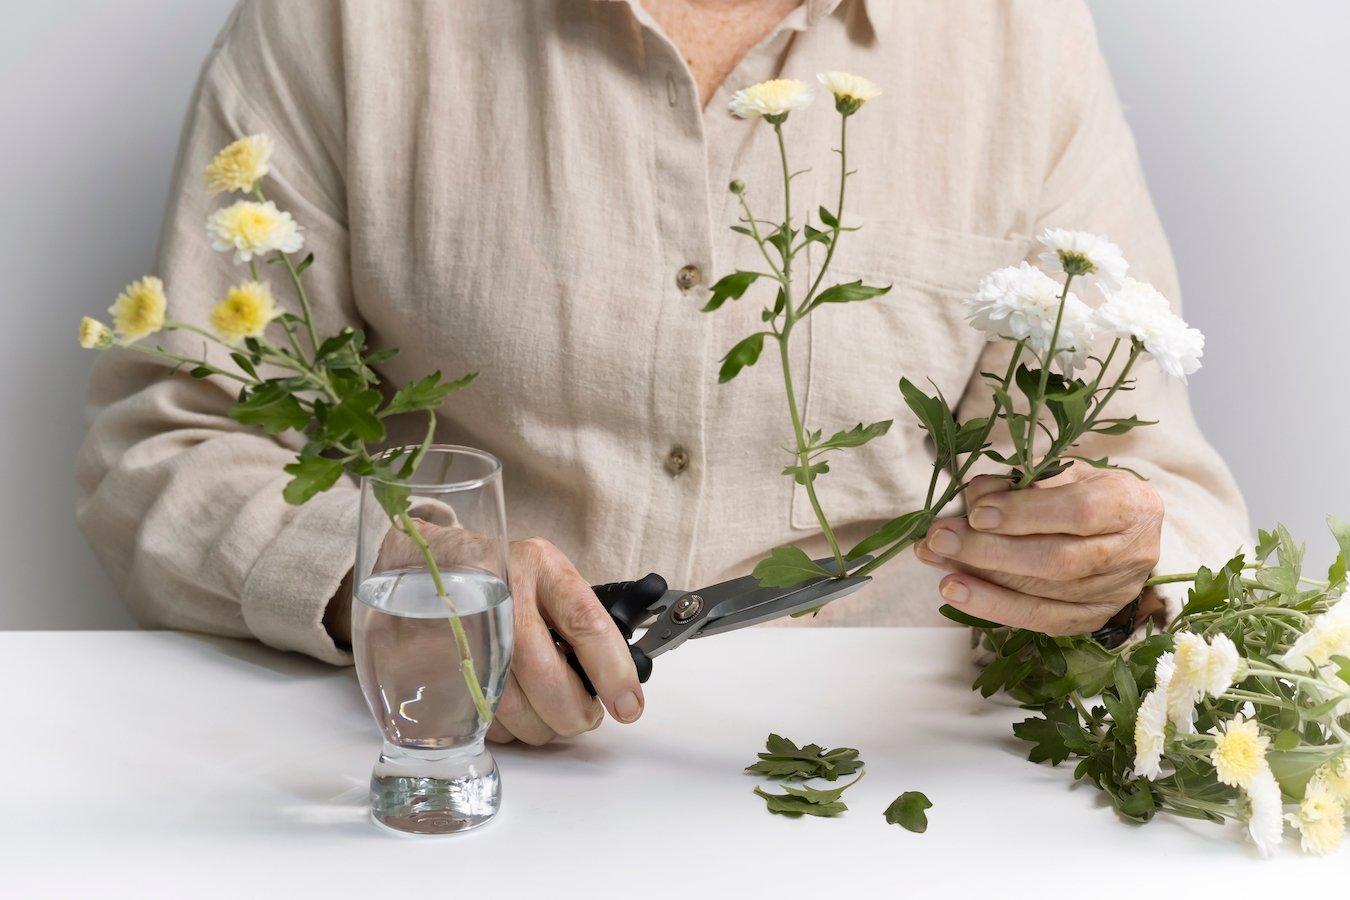 FlowerMaking